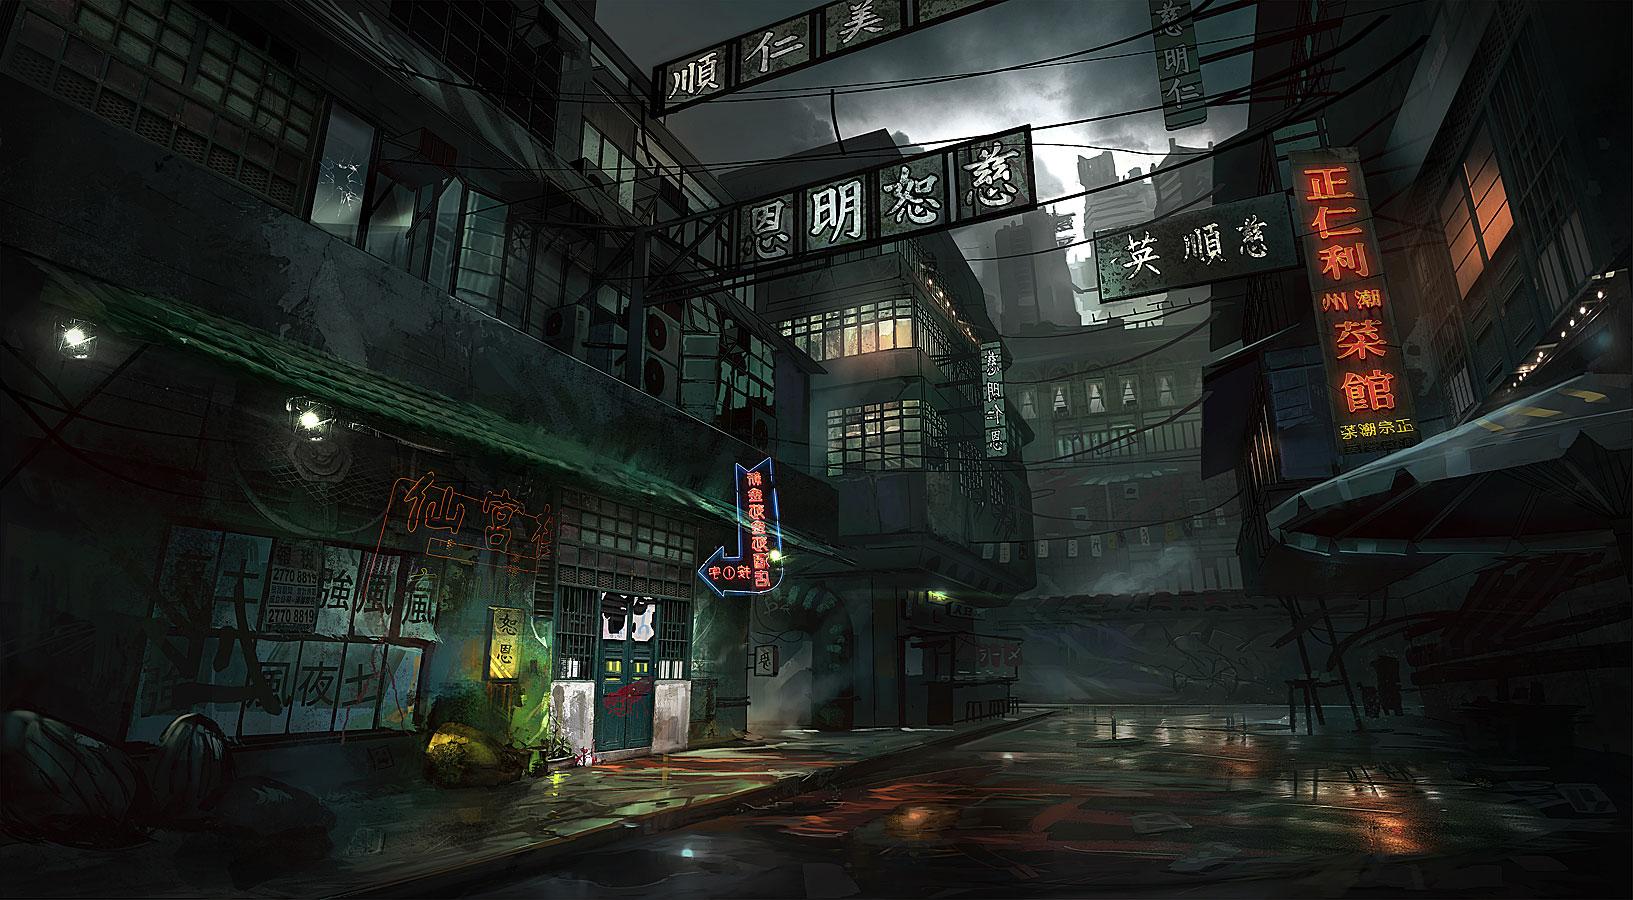 King Tong Street YAO